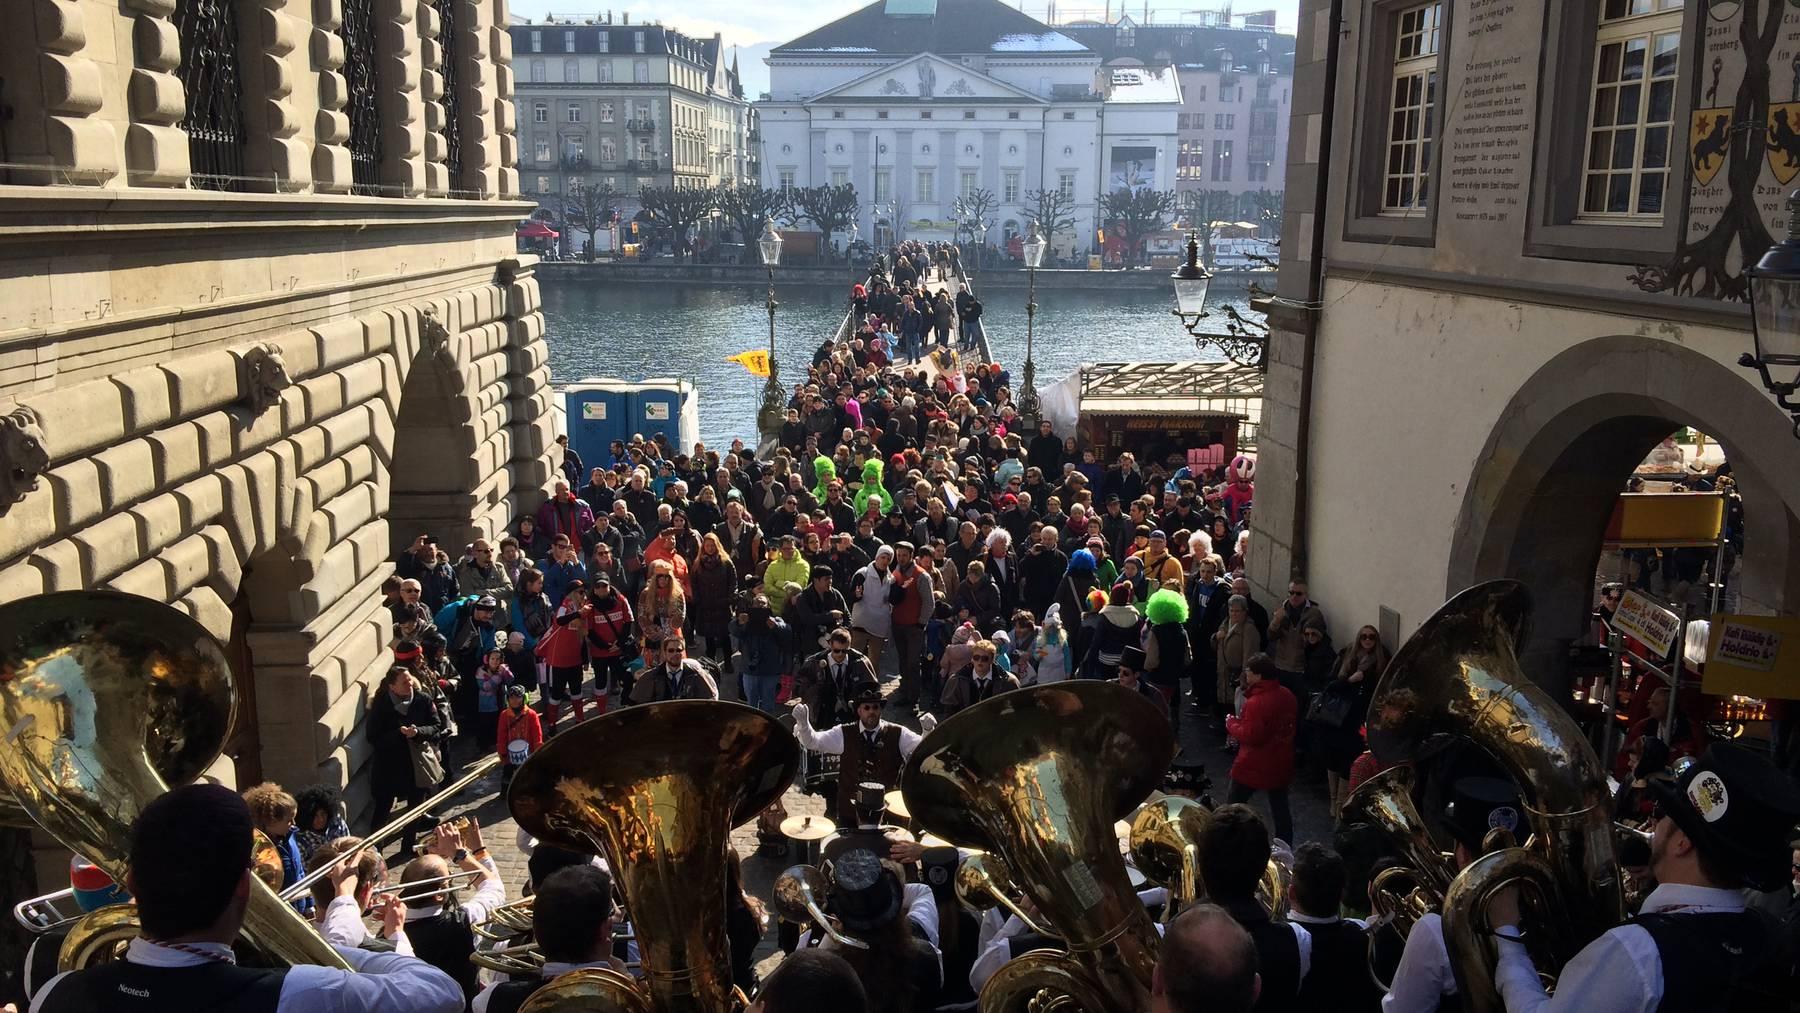 Rathaustreppe am Rüüdige Samschtig